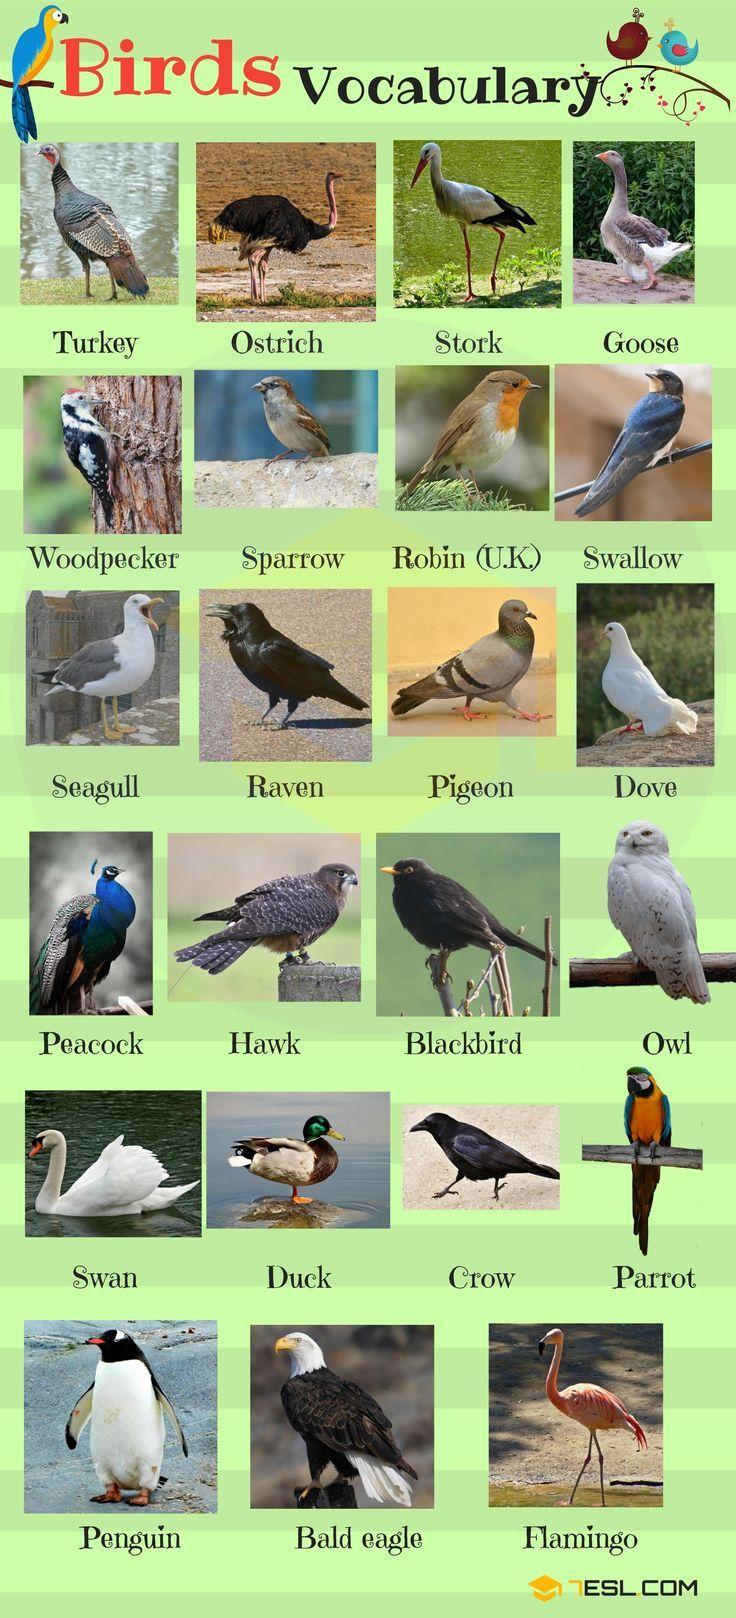 Bird Names List Of Birds With Useful Birds Images 7 E S L Planos De Aula De Ingles Vocabulario Em Ingles Animais